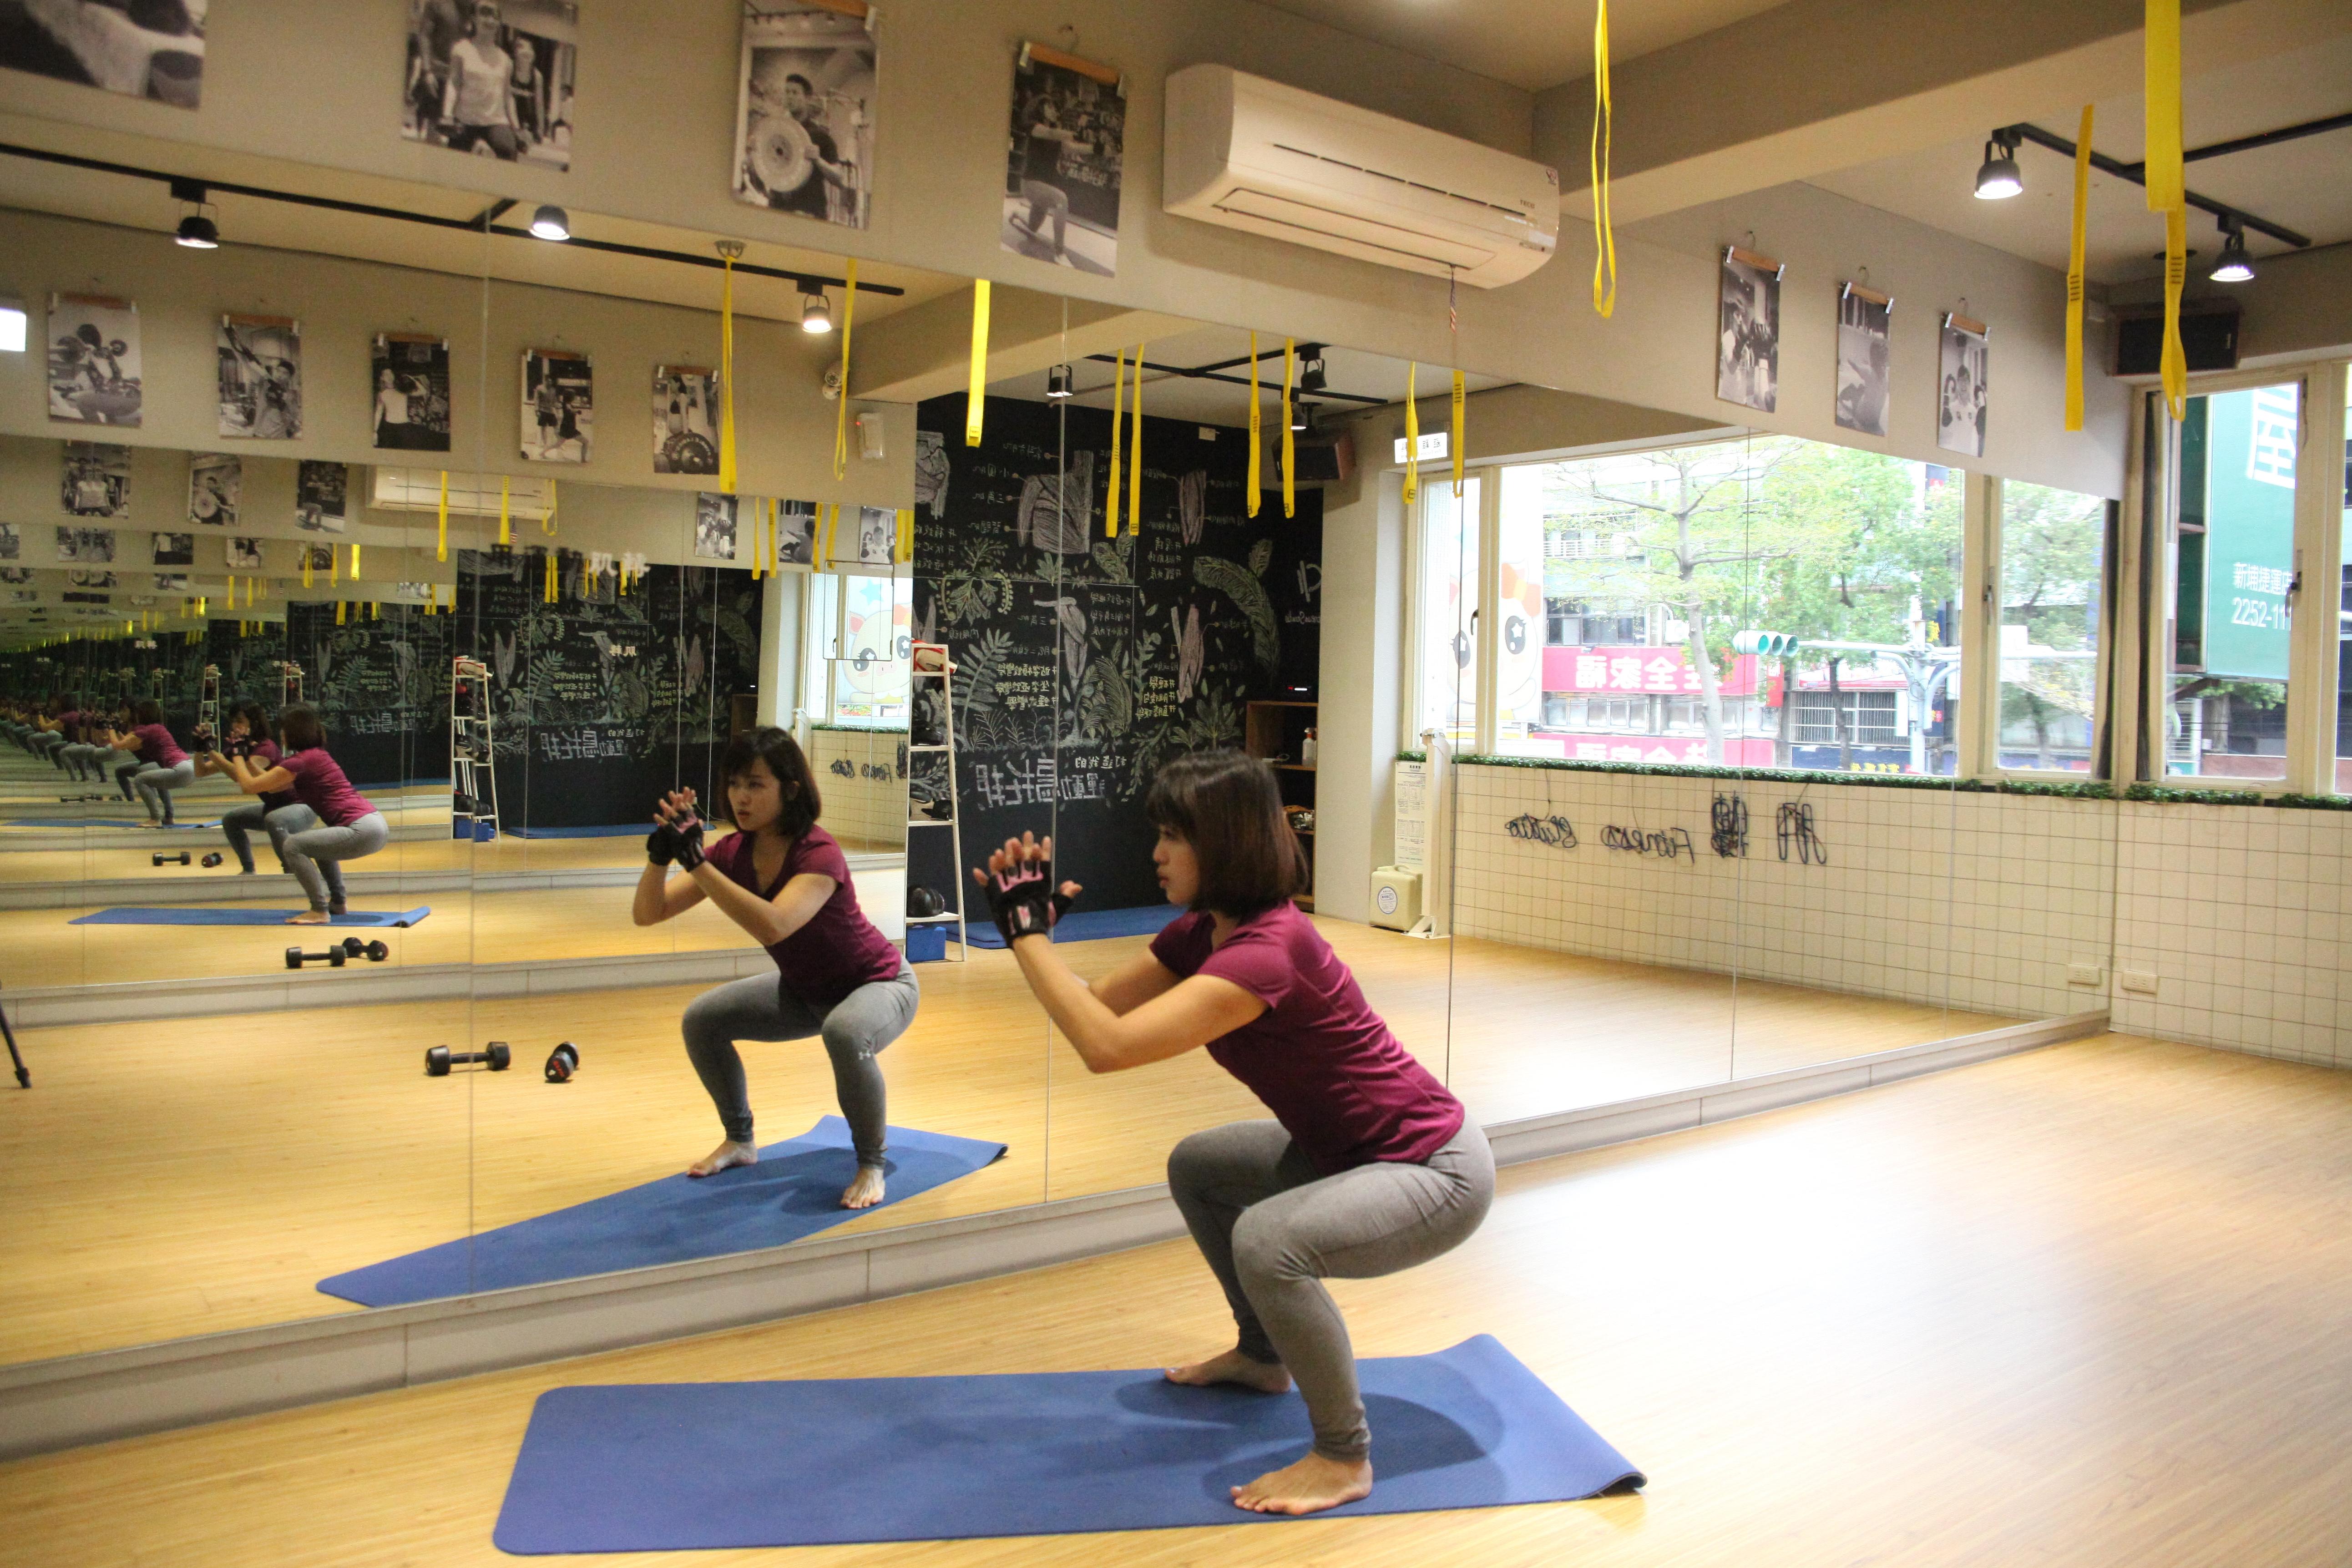 深蹲過程中,記得後腦杓、上背以及臀部要持續保持一直線。